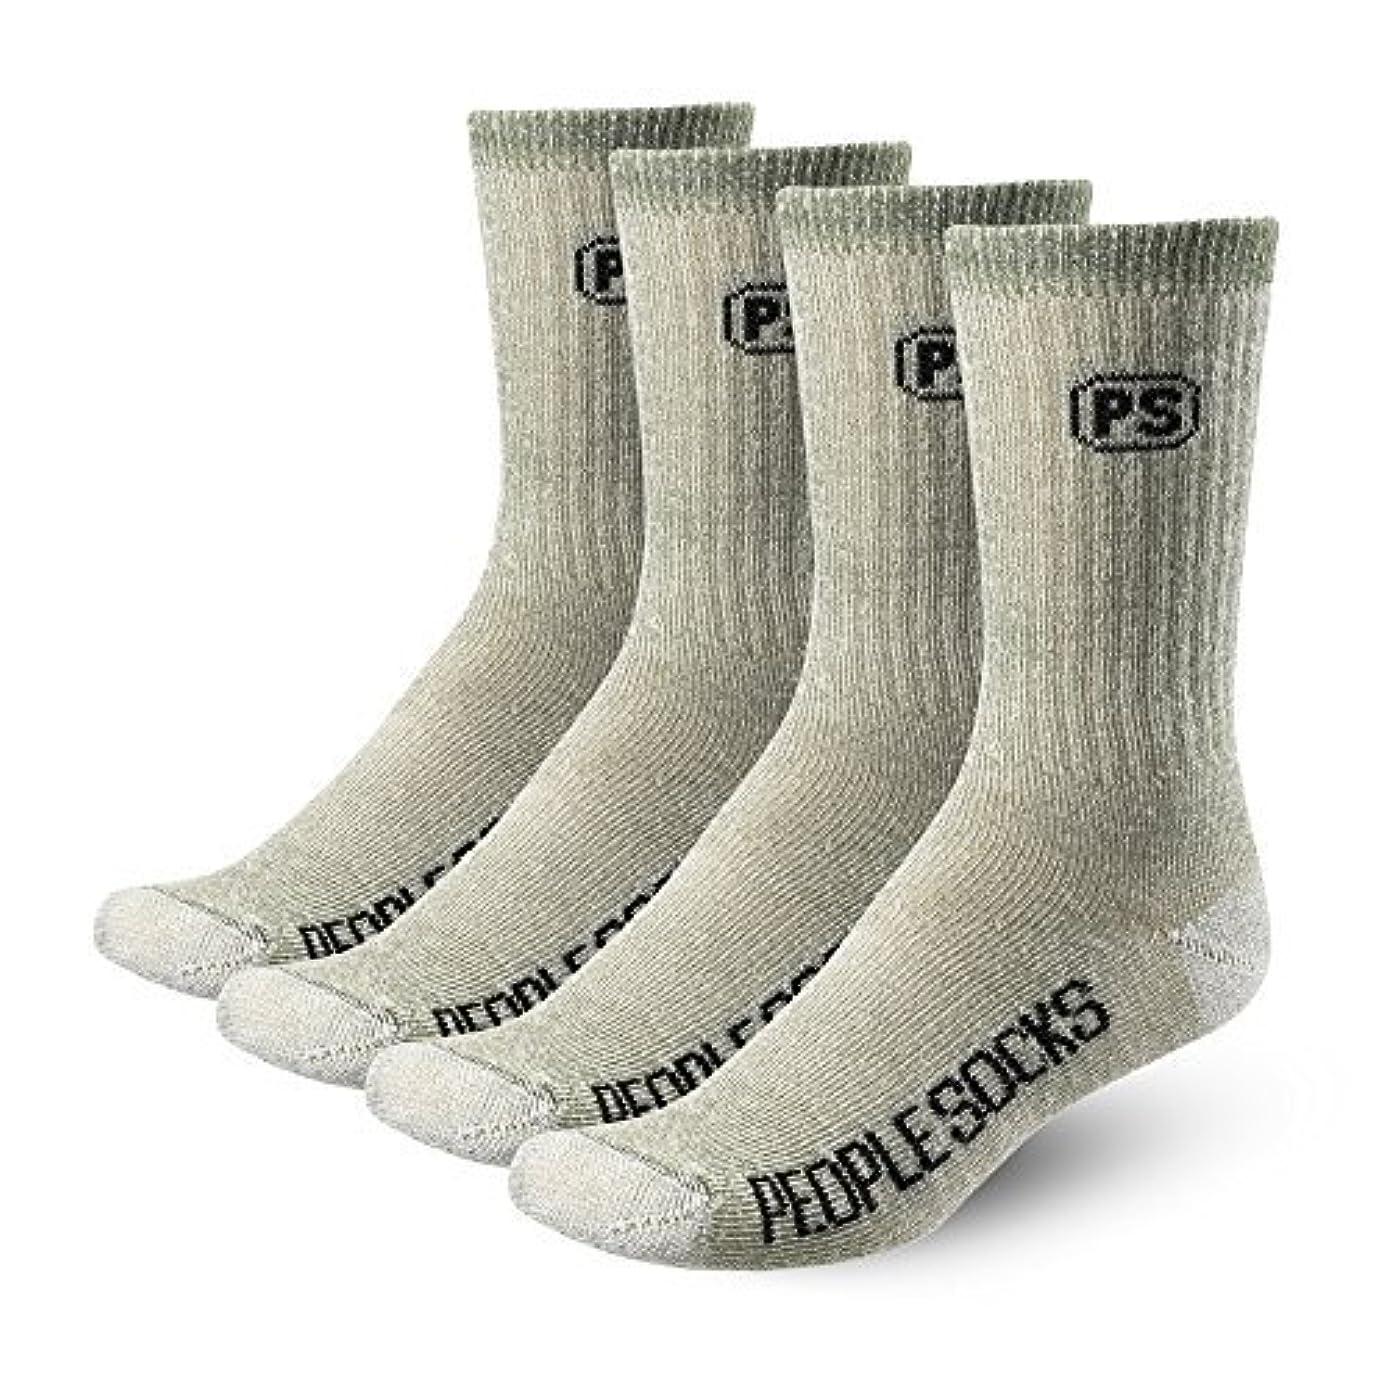 支出能力混乱させる127-crew-green-4pk Unisex Small Medium Socks [並行輸入品]